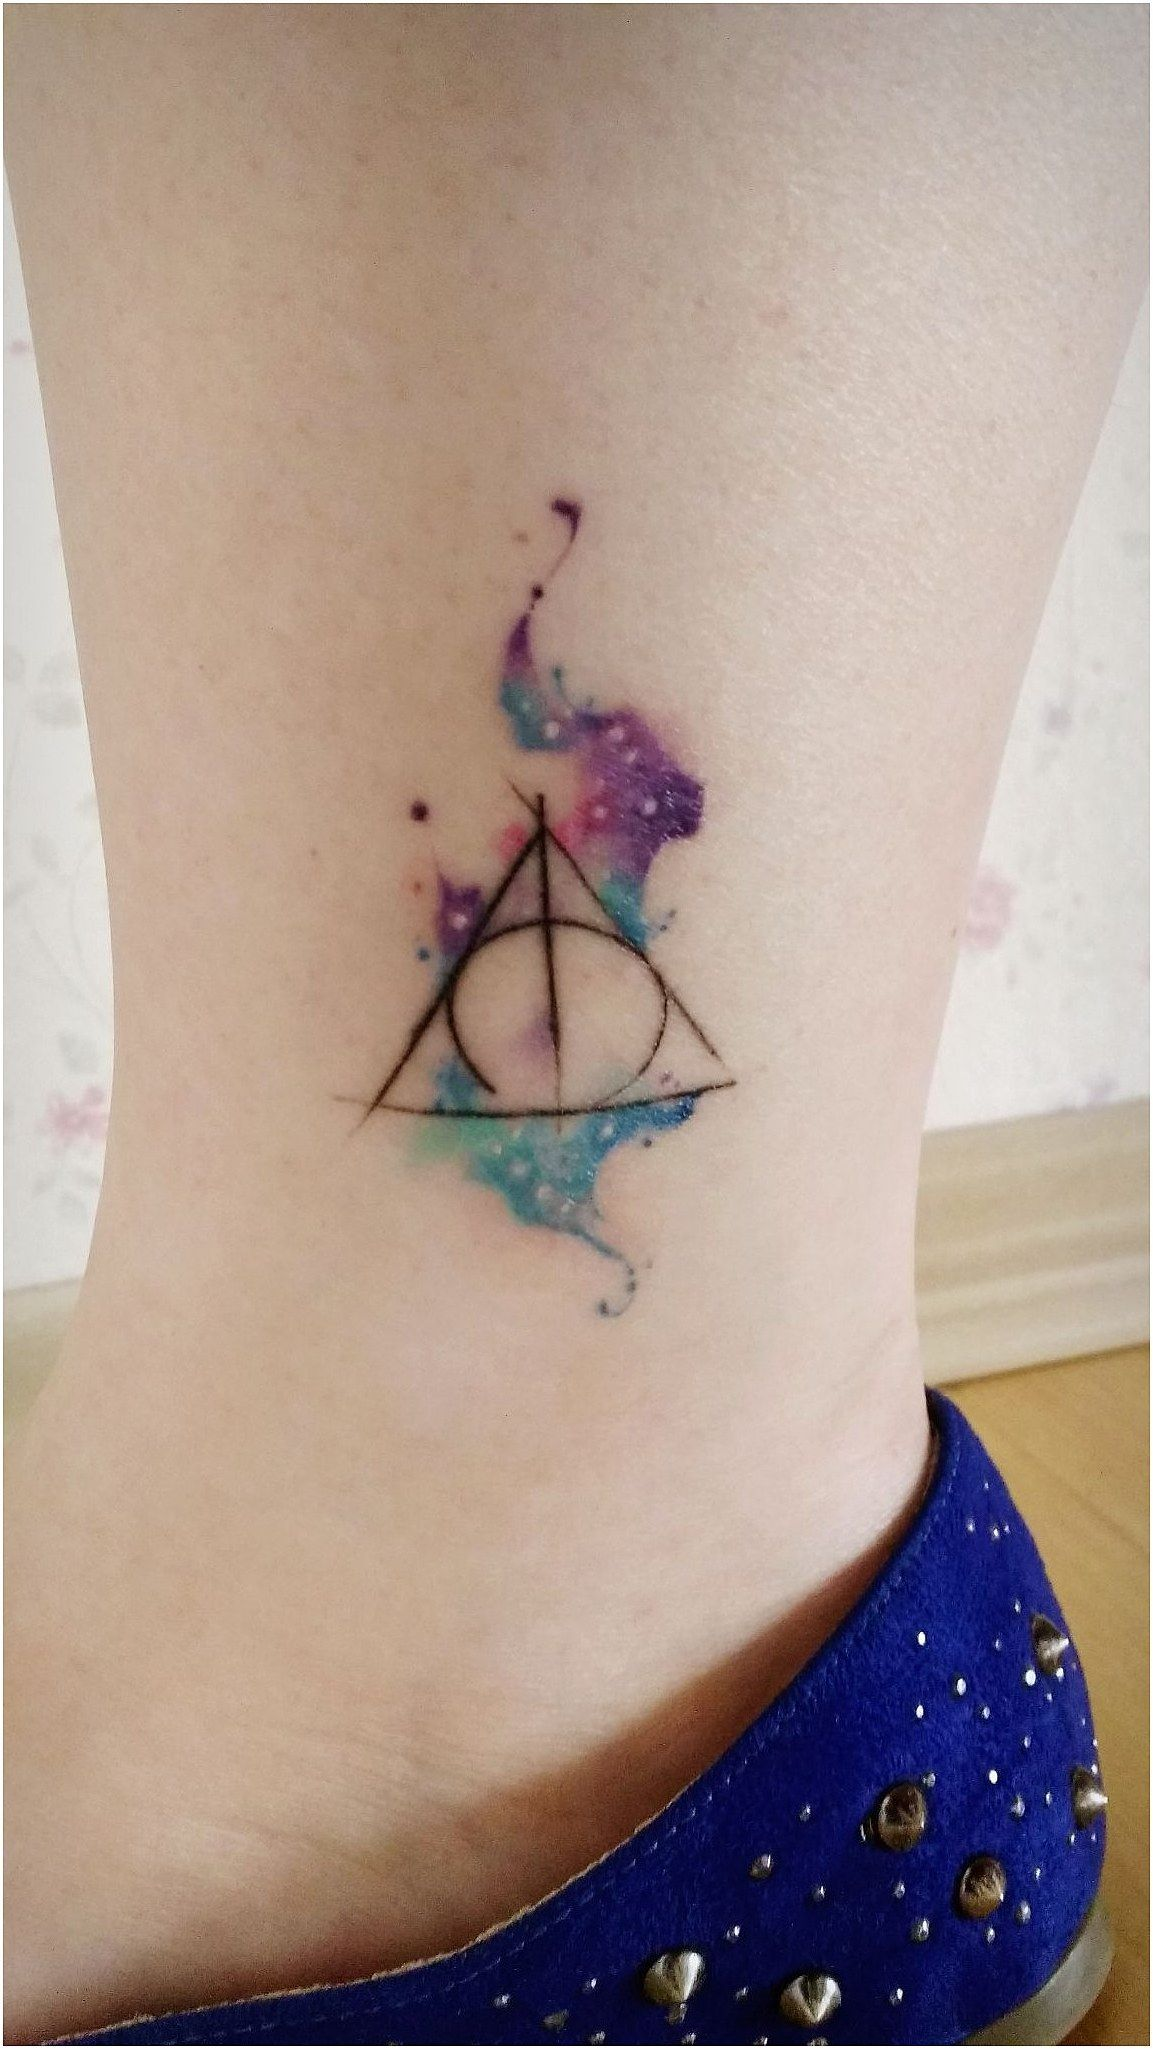 Buddhist Top Geometric Flower Tattoos For Men Lotus Flower Tattoo Designs Thumb Tattoos Buddhist Mandala Harry Potter Tattoos Tattoos Harry Potter Tattoo Small